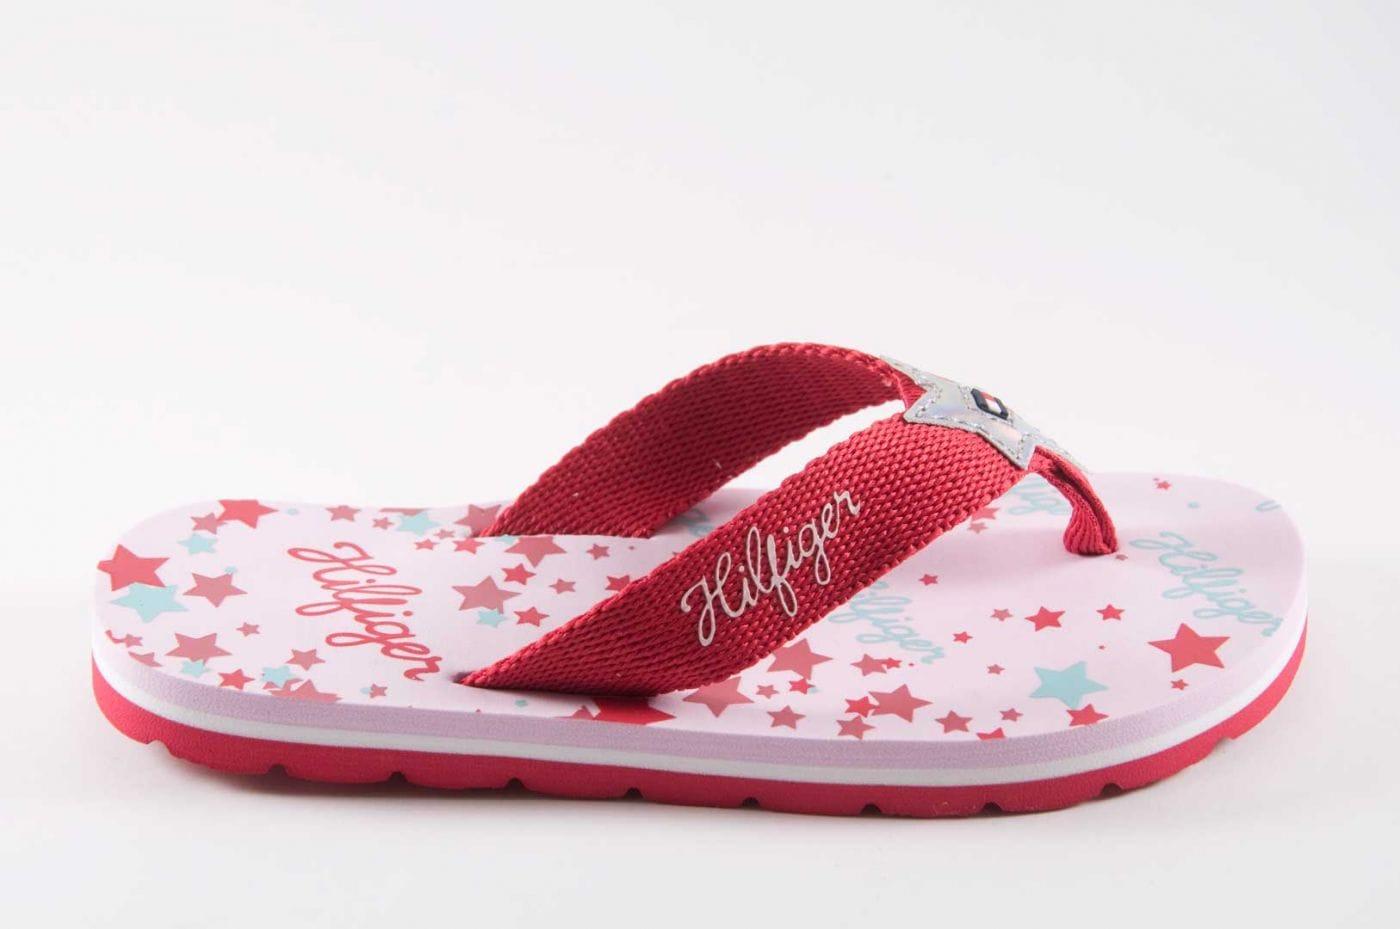 ec357f8eca8 Comprar zapato tipo JOVEN NIÑA estilo SANDALIA COLOR ROSA SINTETICO ...